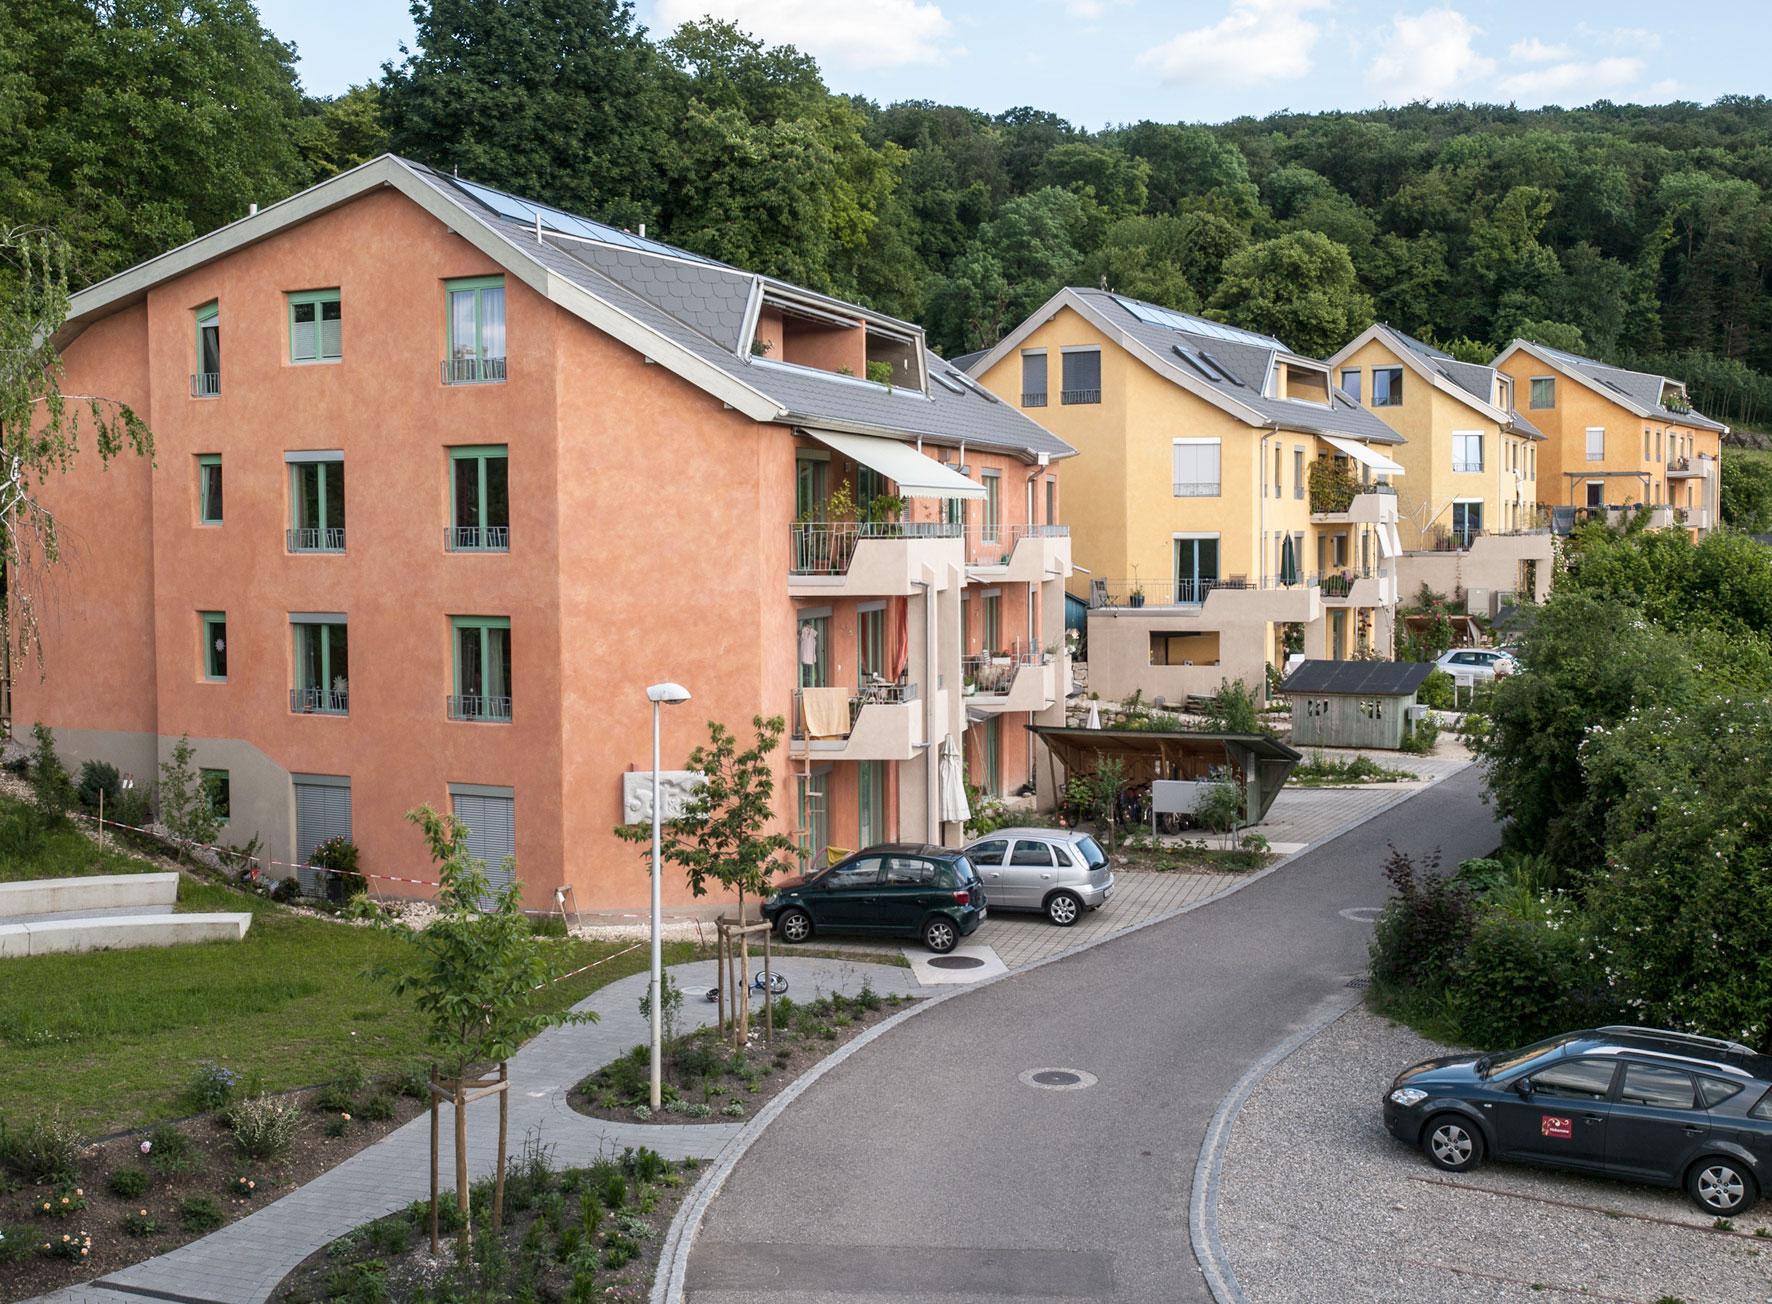 Wohnsiedlung Neue Heimat Wohnbaugenossenschaft Sophie Stinde